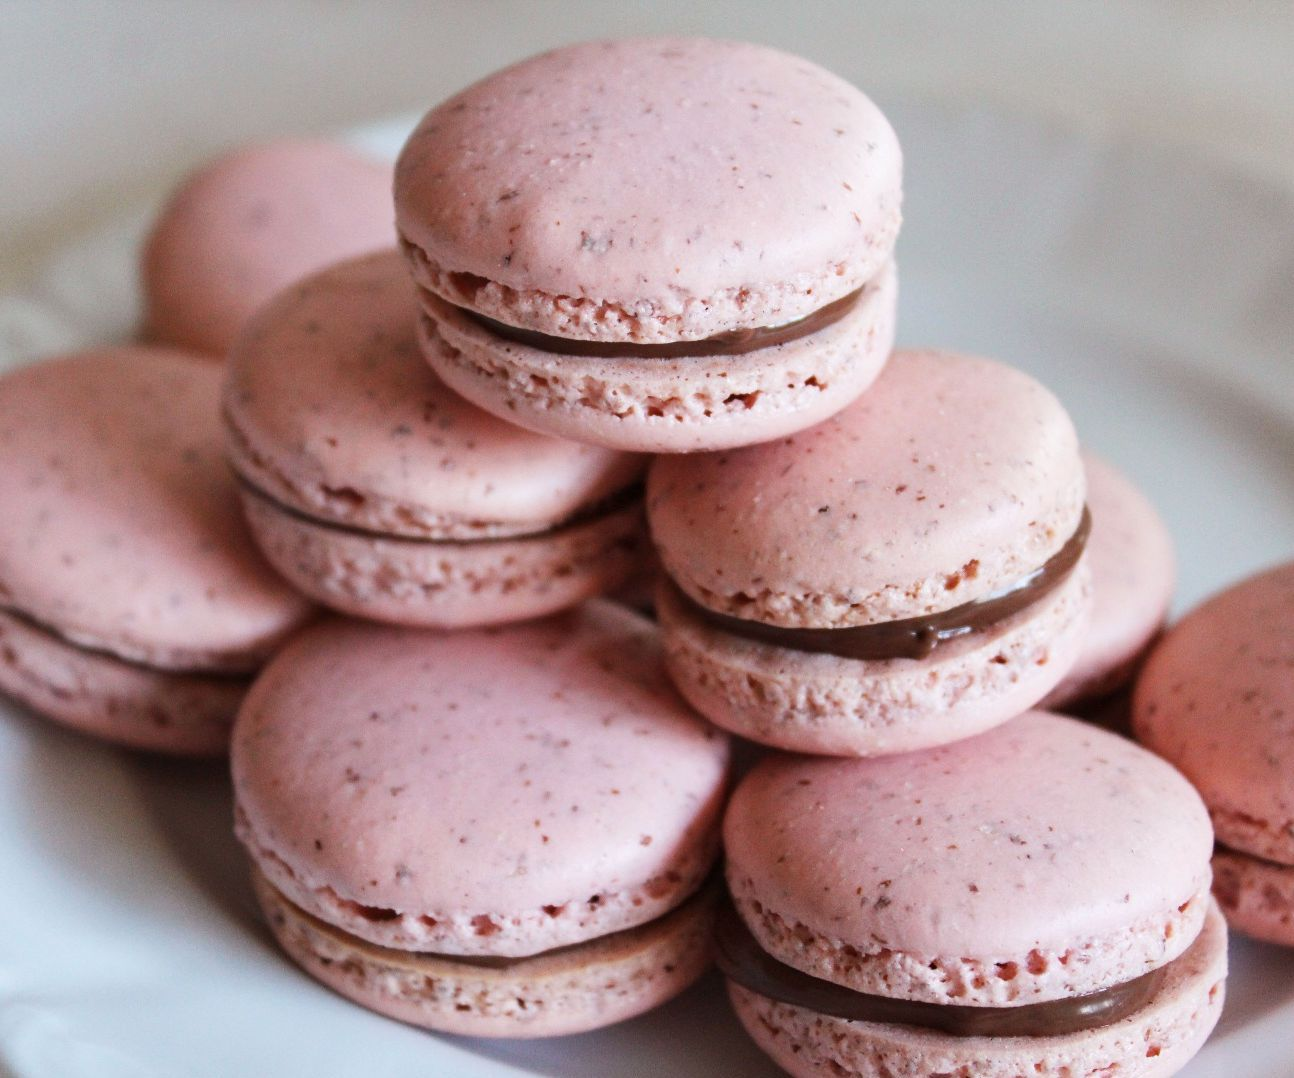 Passable (Beginner's) Macarons